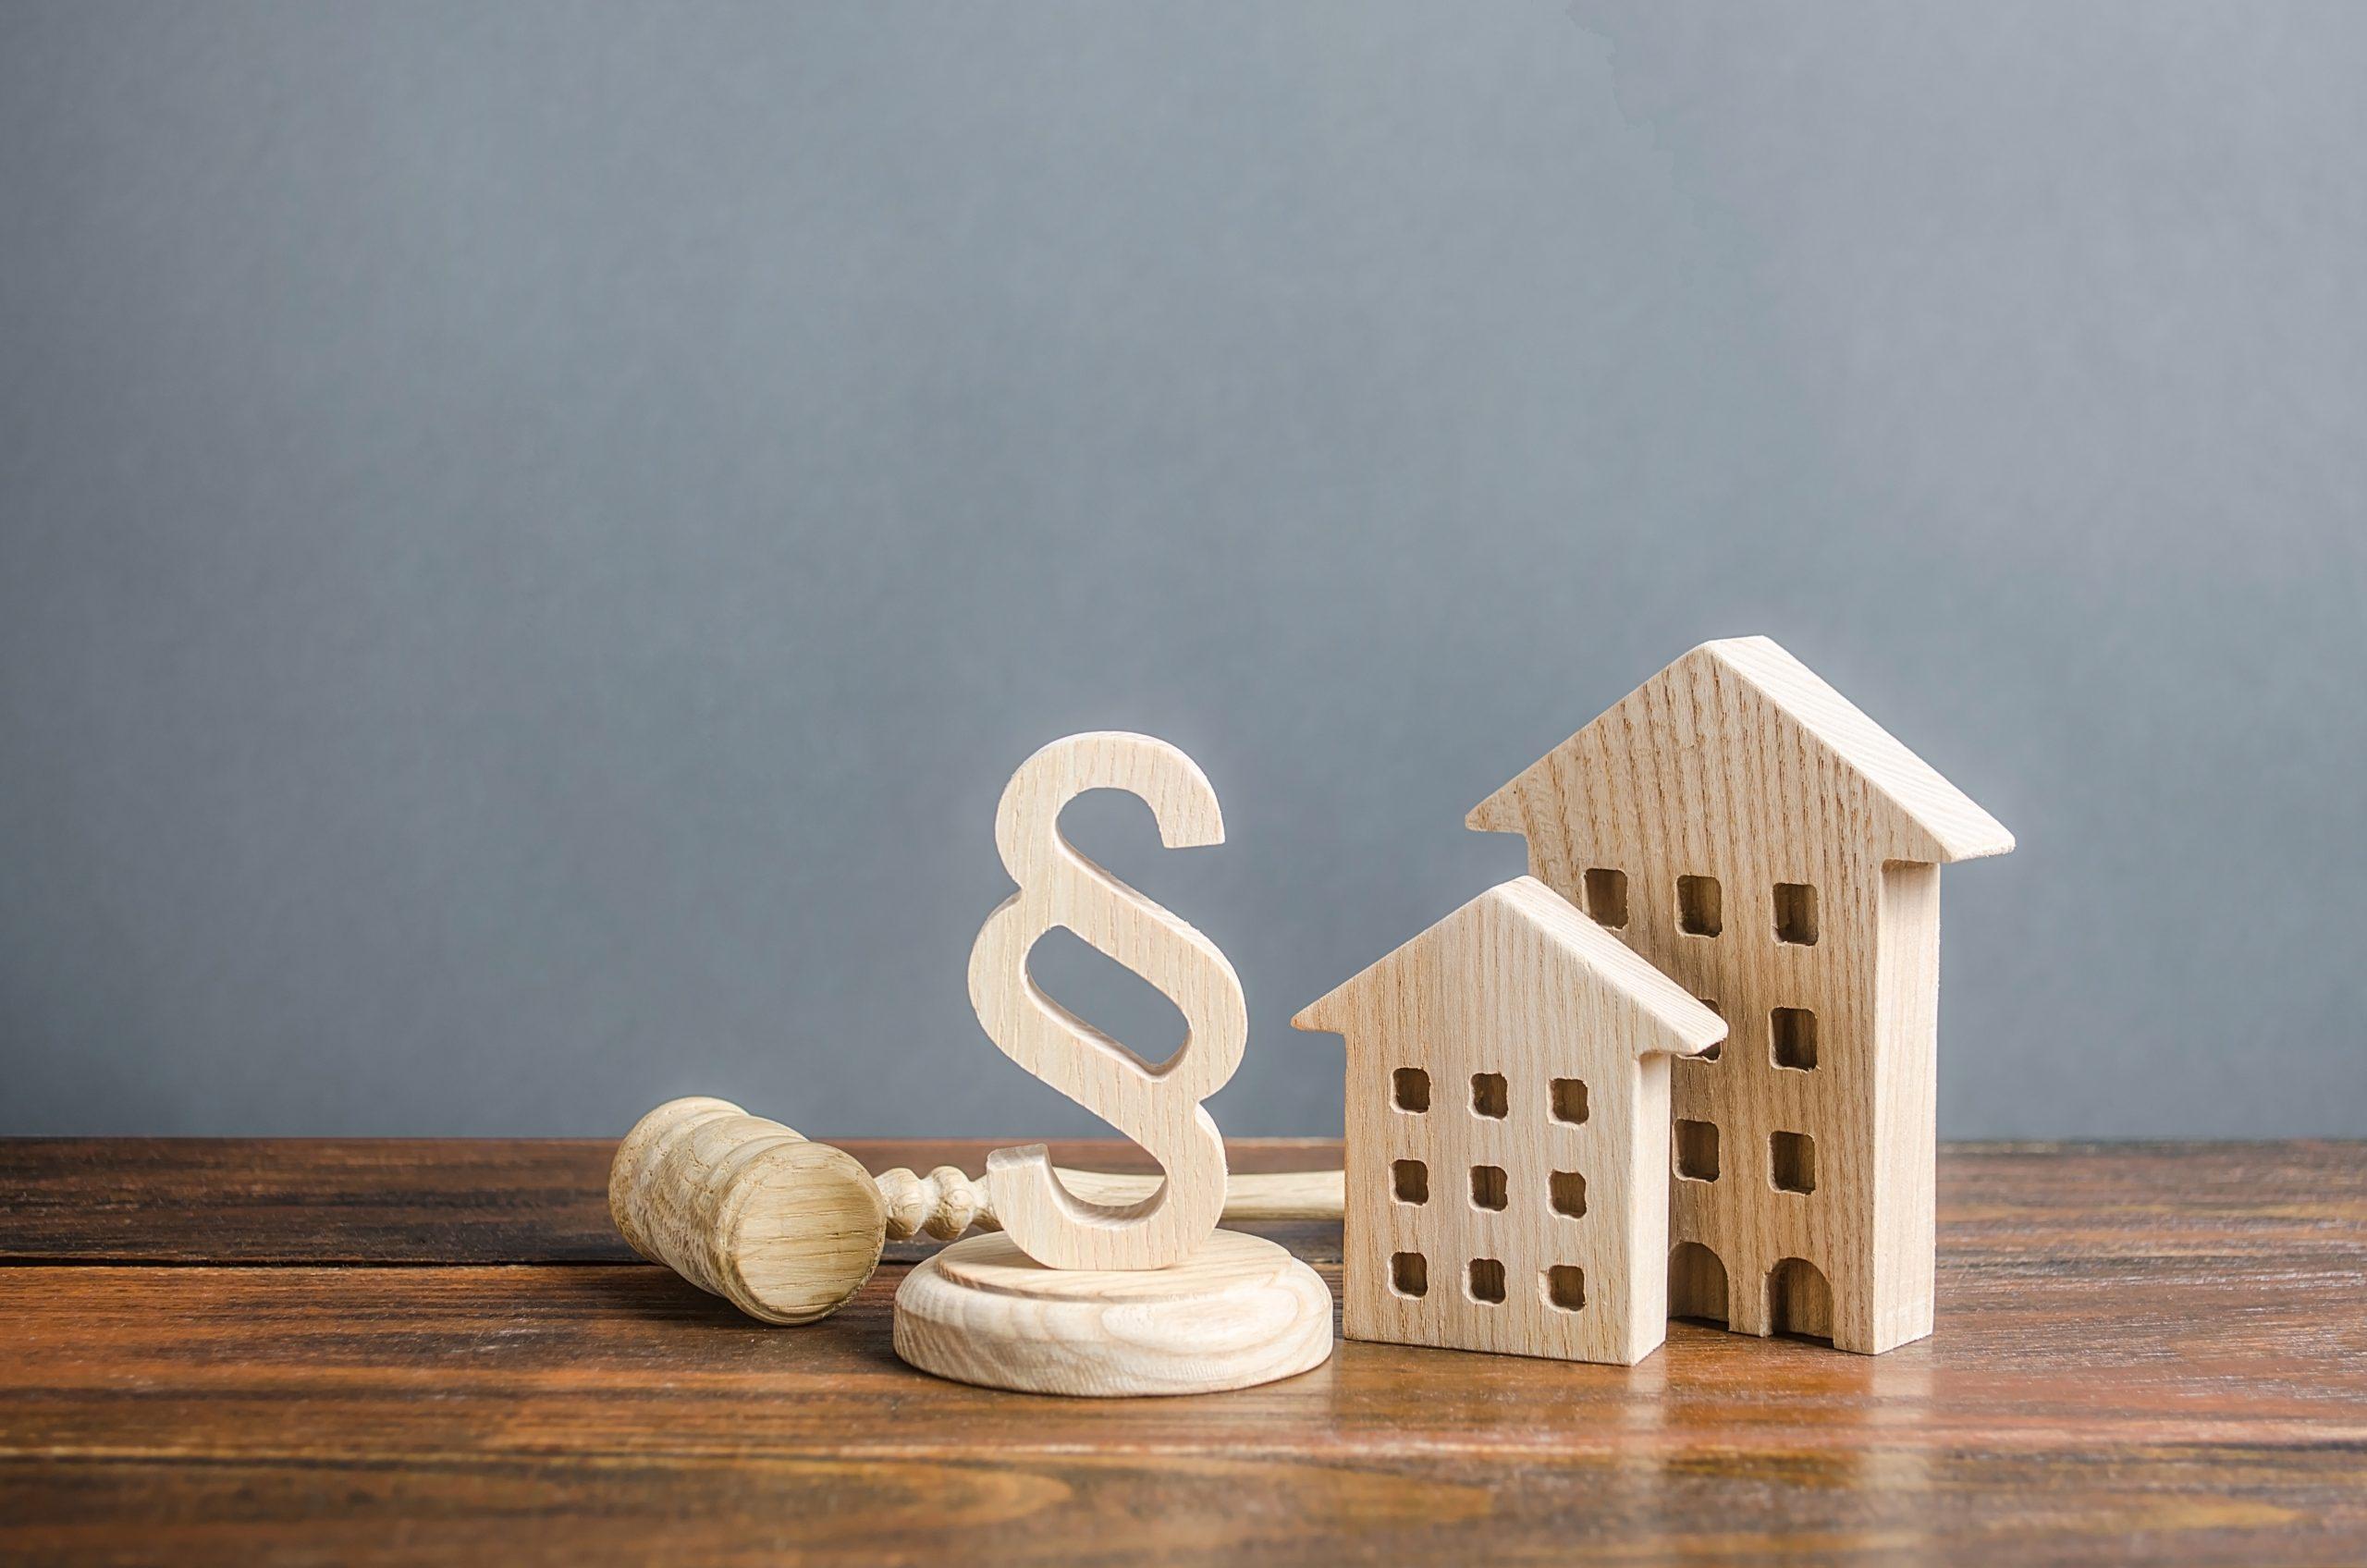 Beim Hausbau ist ein Bauantrag unerlässlich.